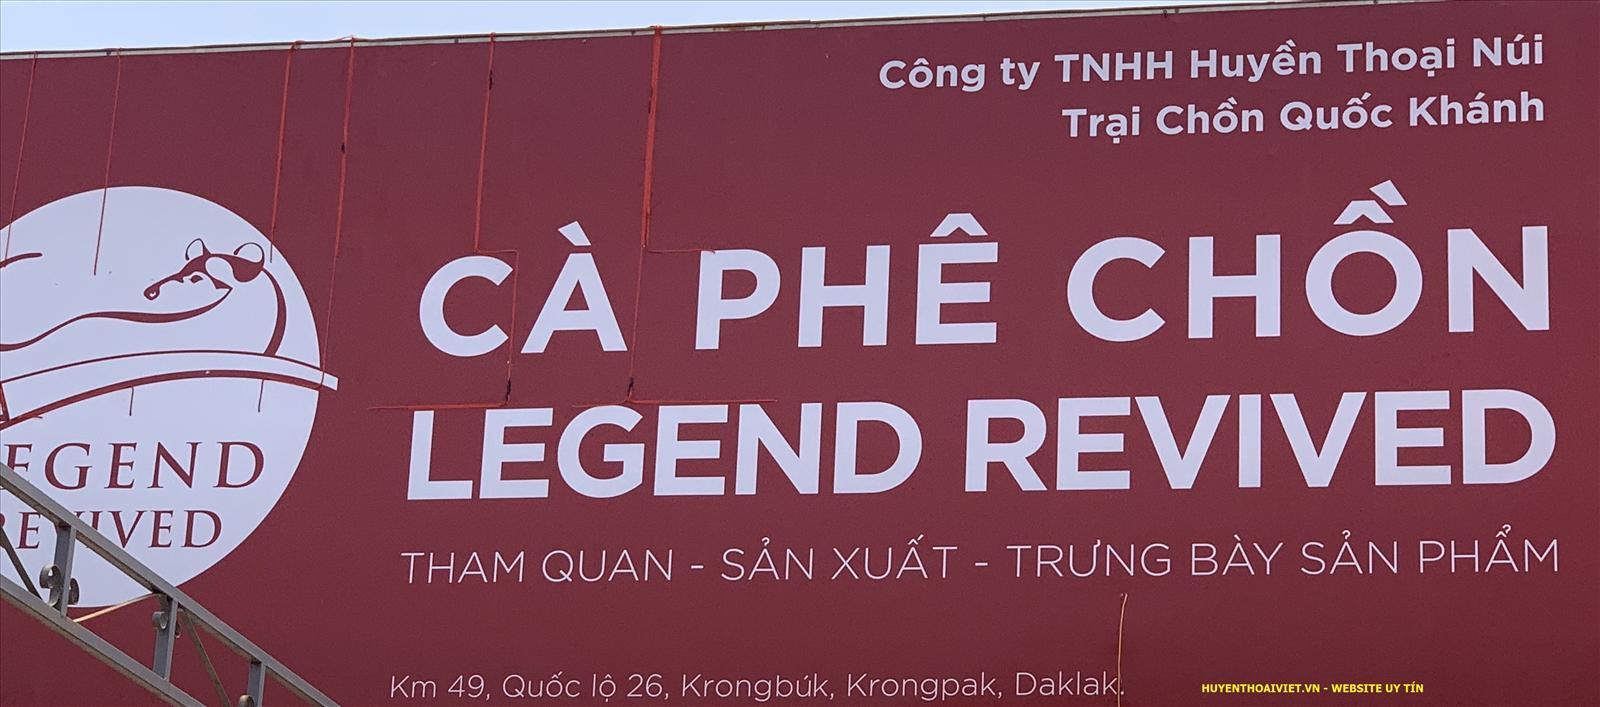 Trang Trại Chồn Quốc Khánh - Huyền Thoại Việt